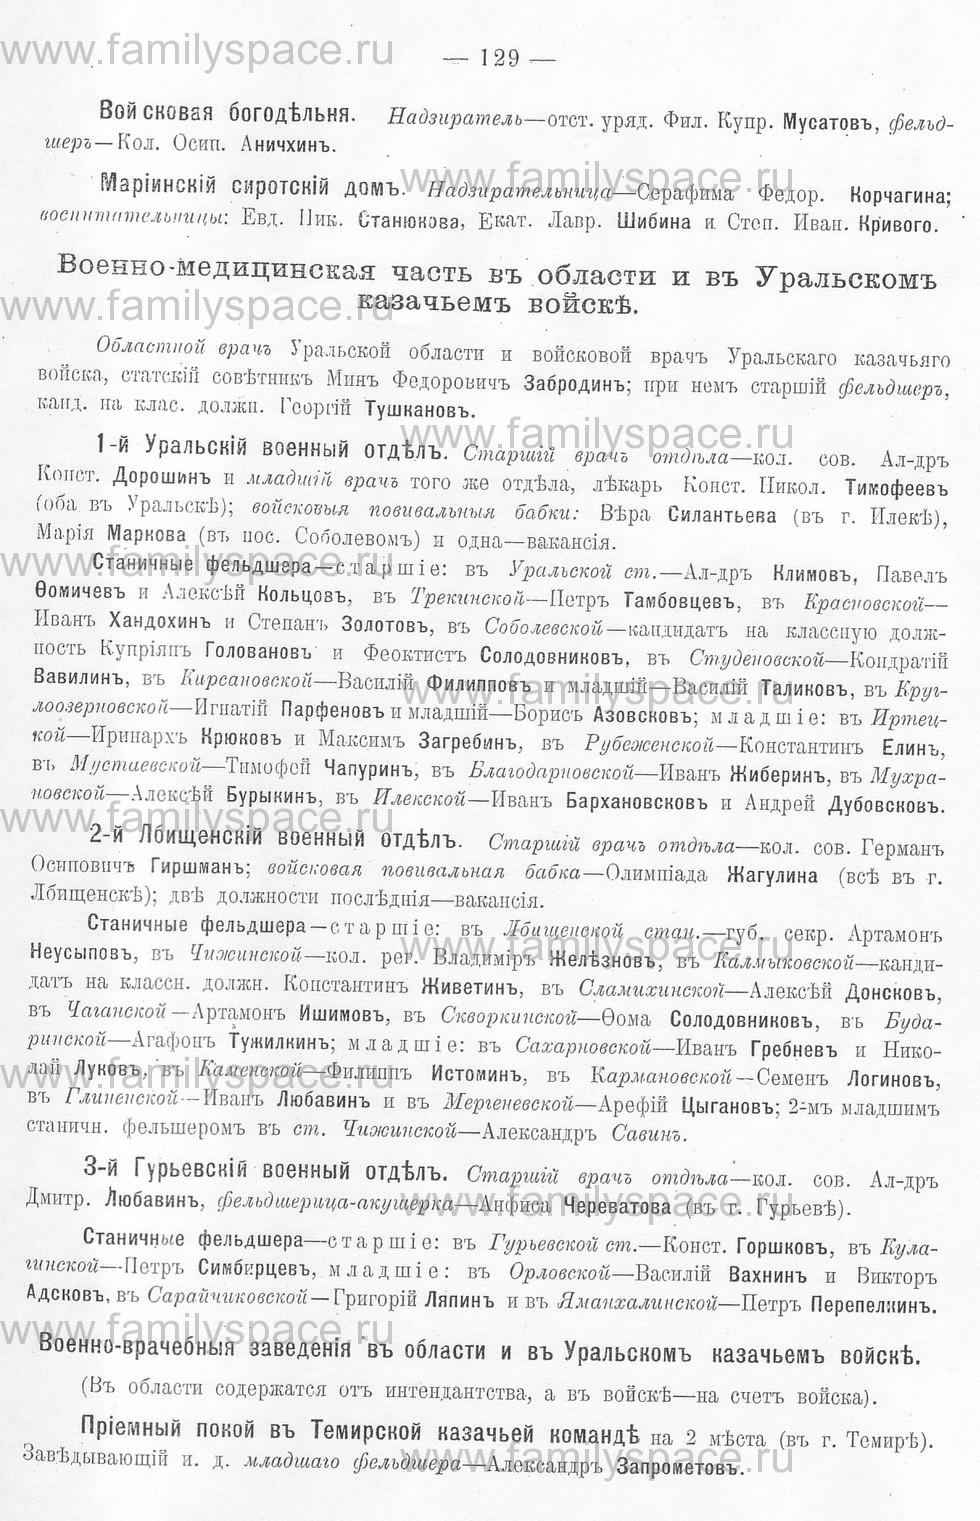 Поиск по фамилии - Памятная книжка Уральской области на 1913 год, страница 129